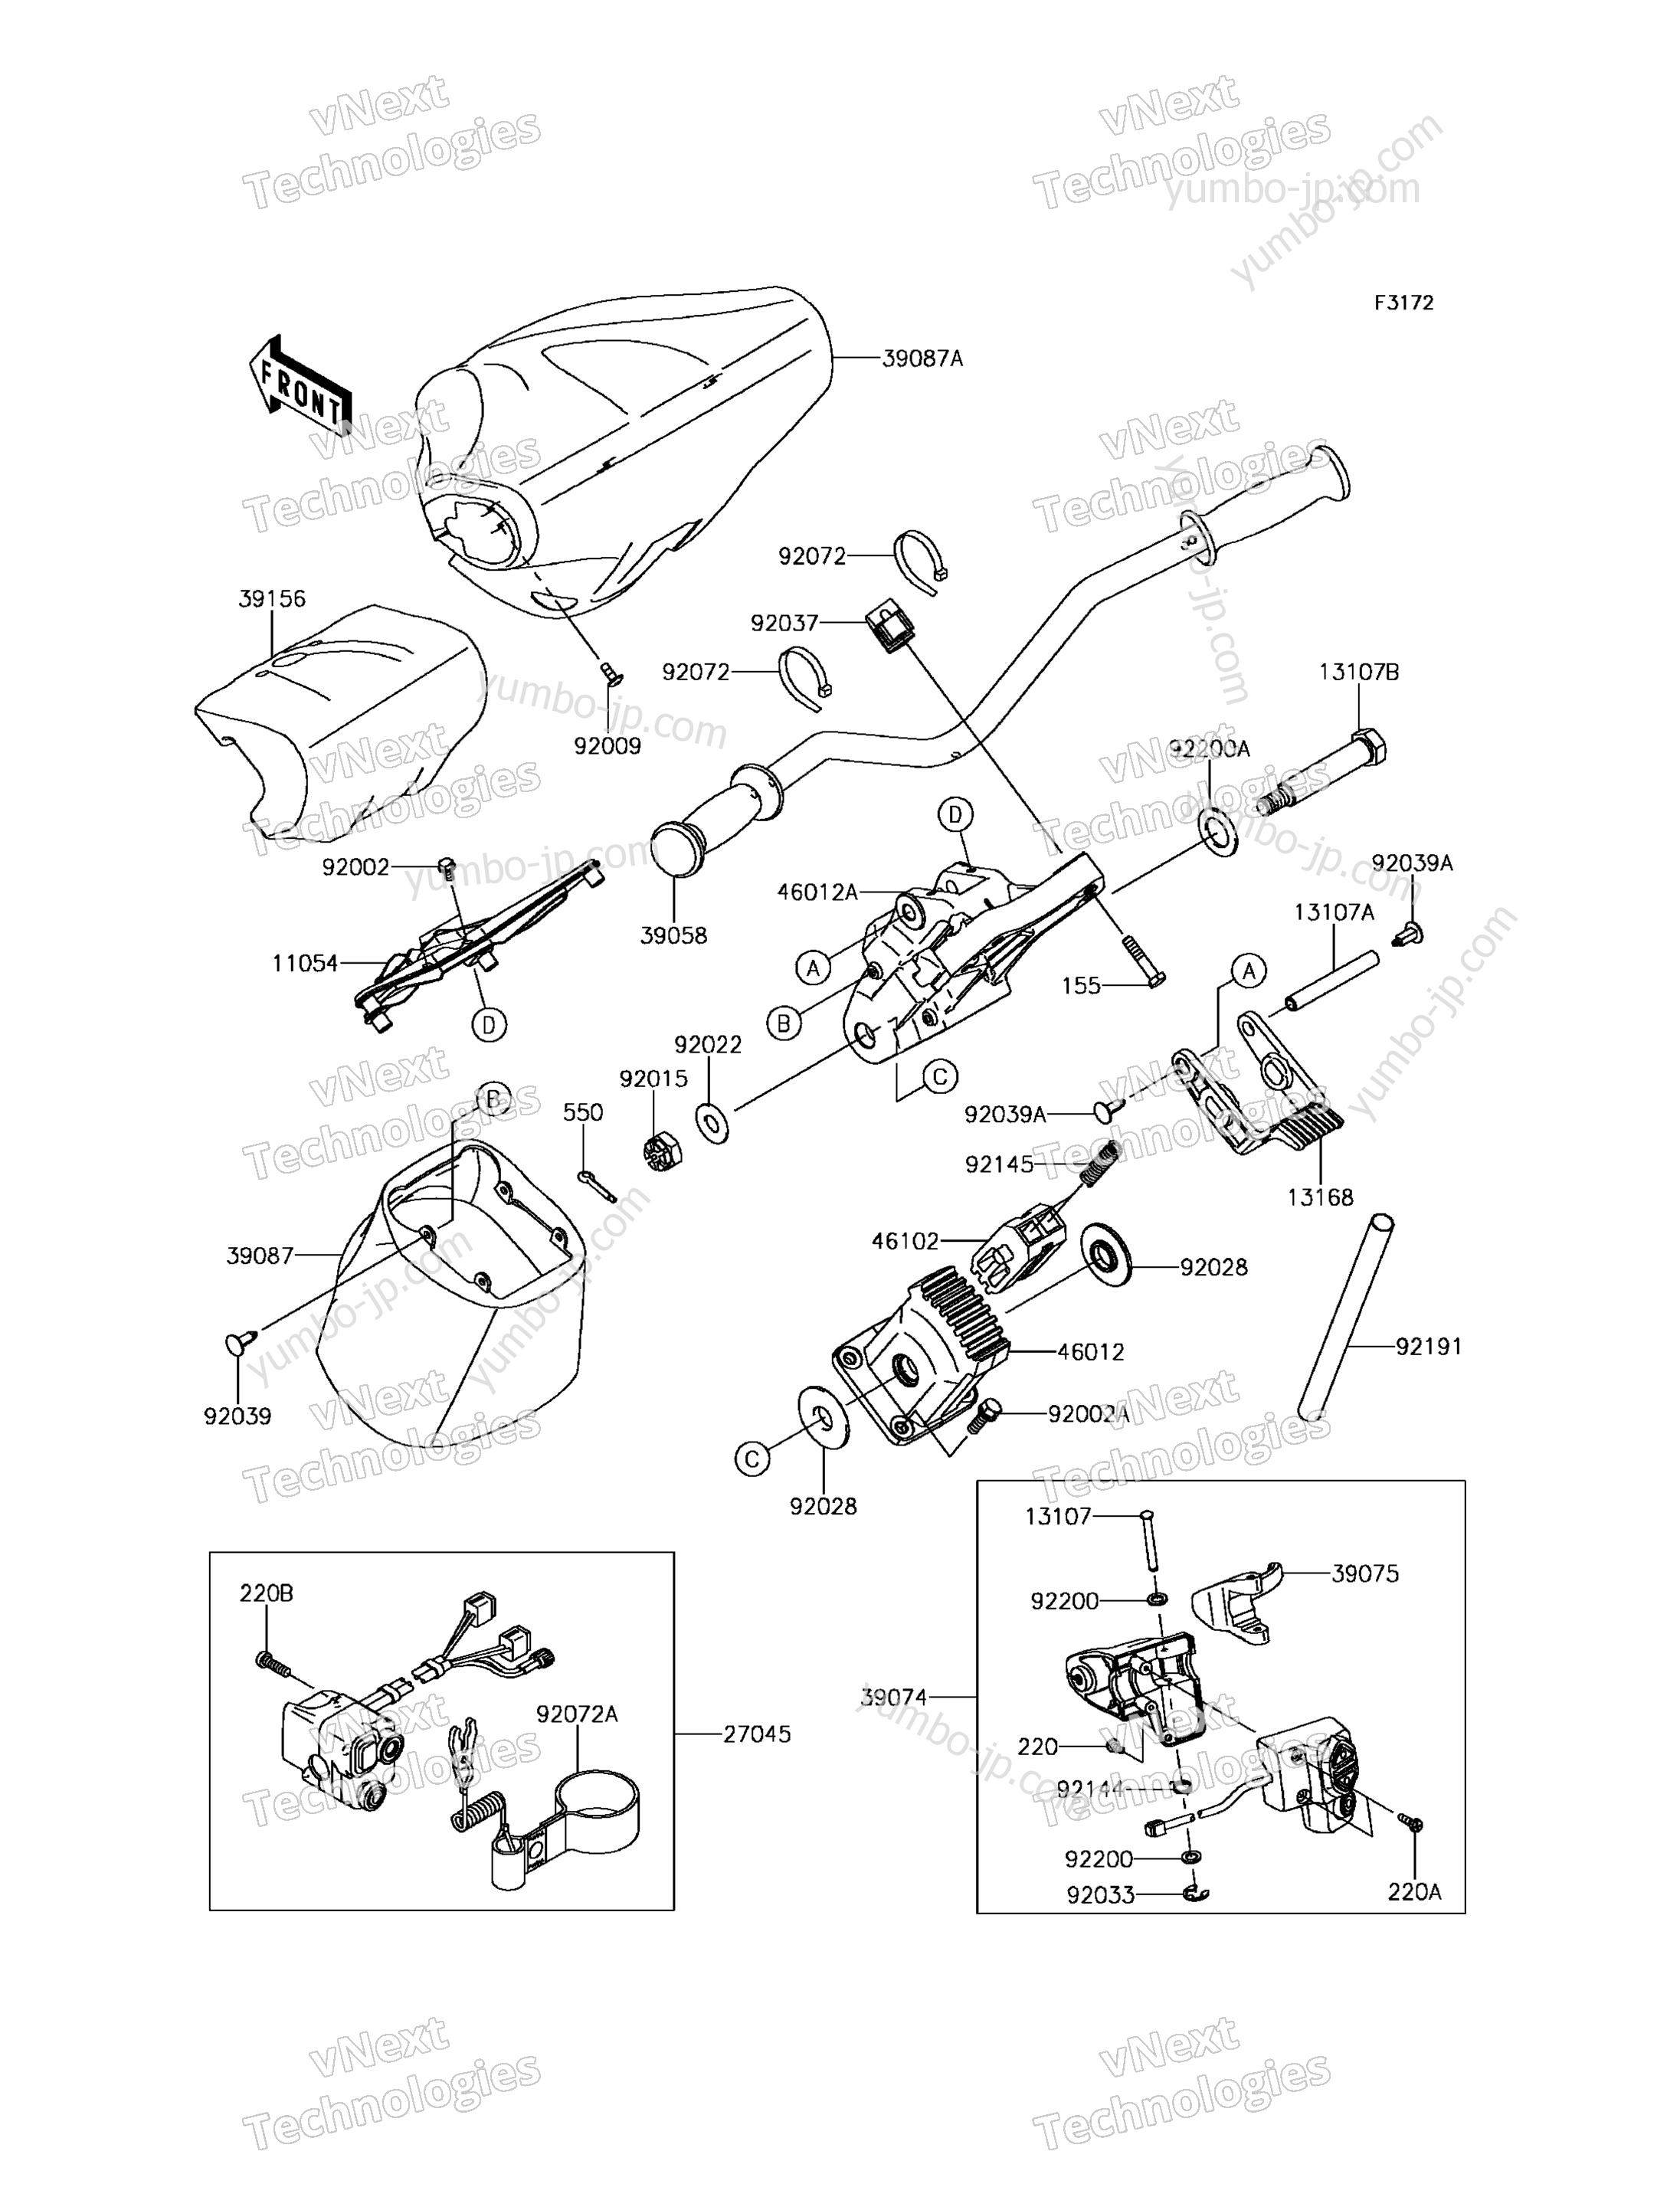 Румпель (рукоятка управления) для гидроциклов KAWASAKI JET SKI ULTRA 310X (JT1500PGF) 2016 г.